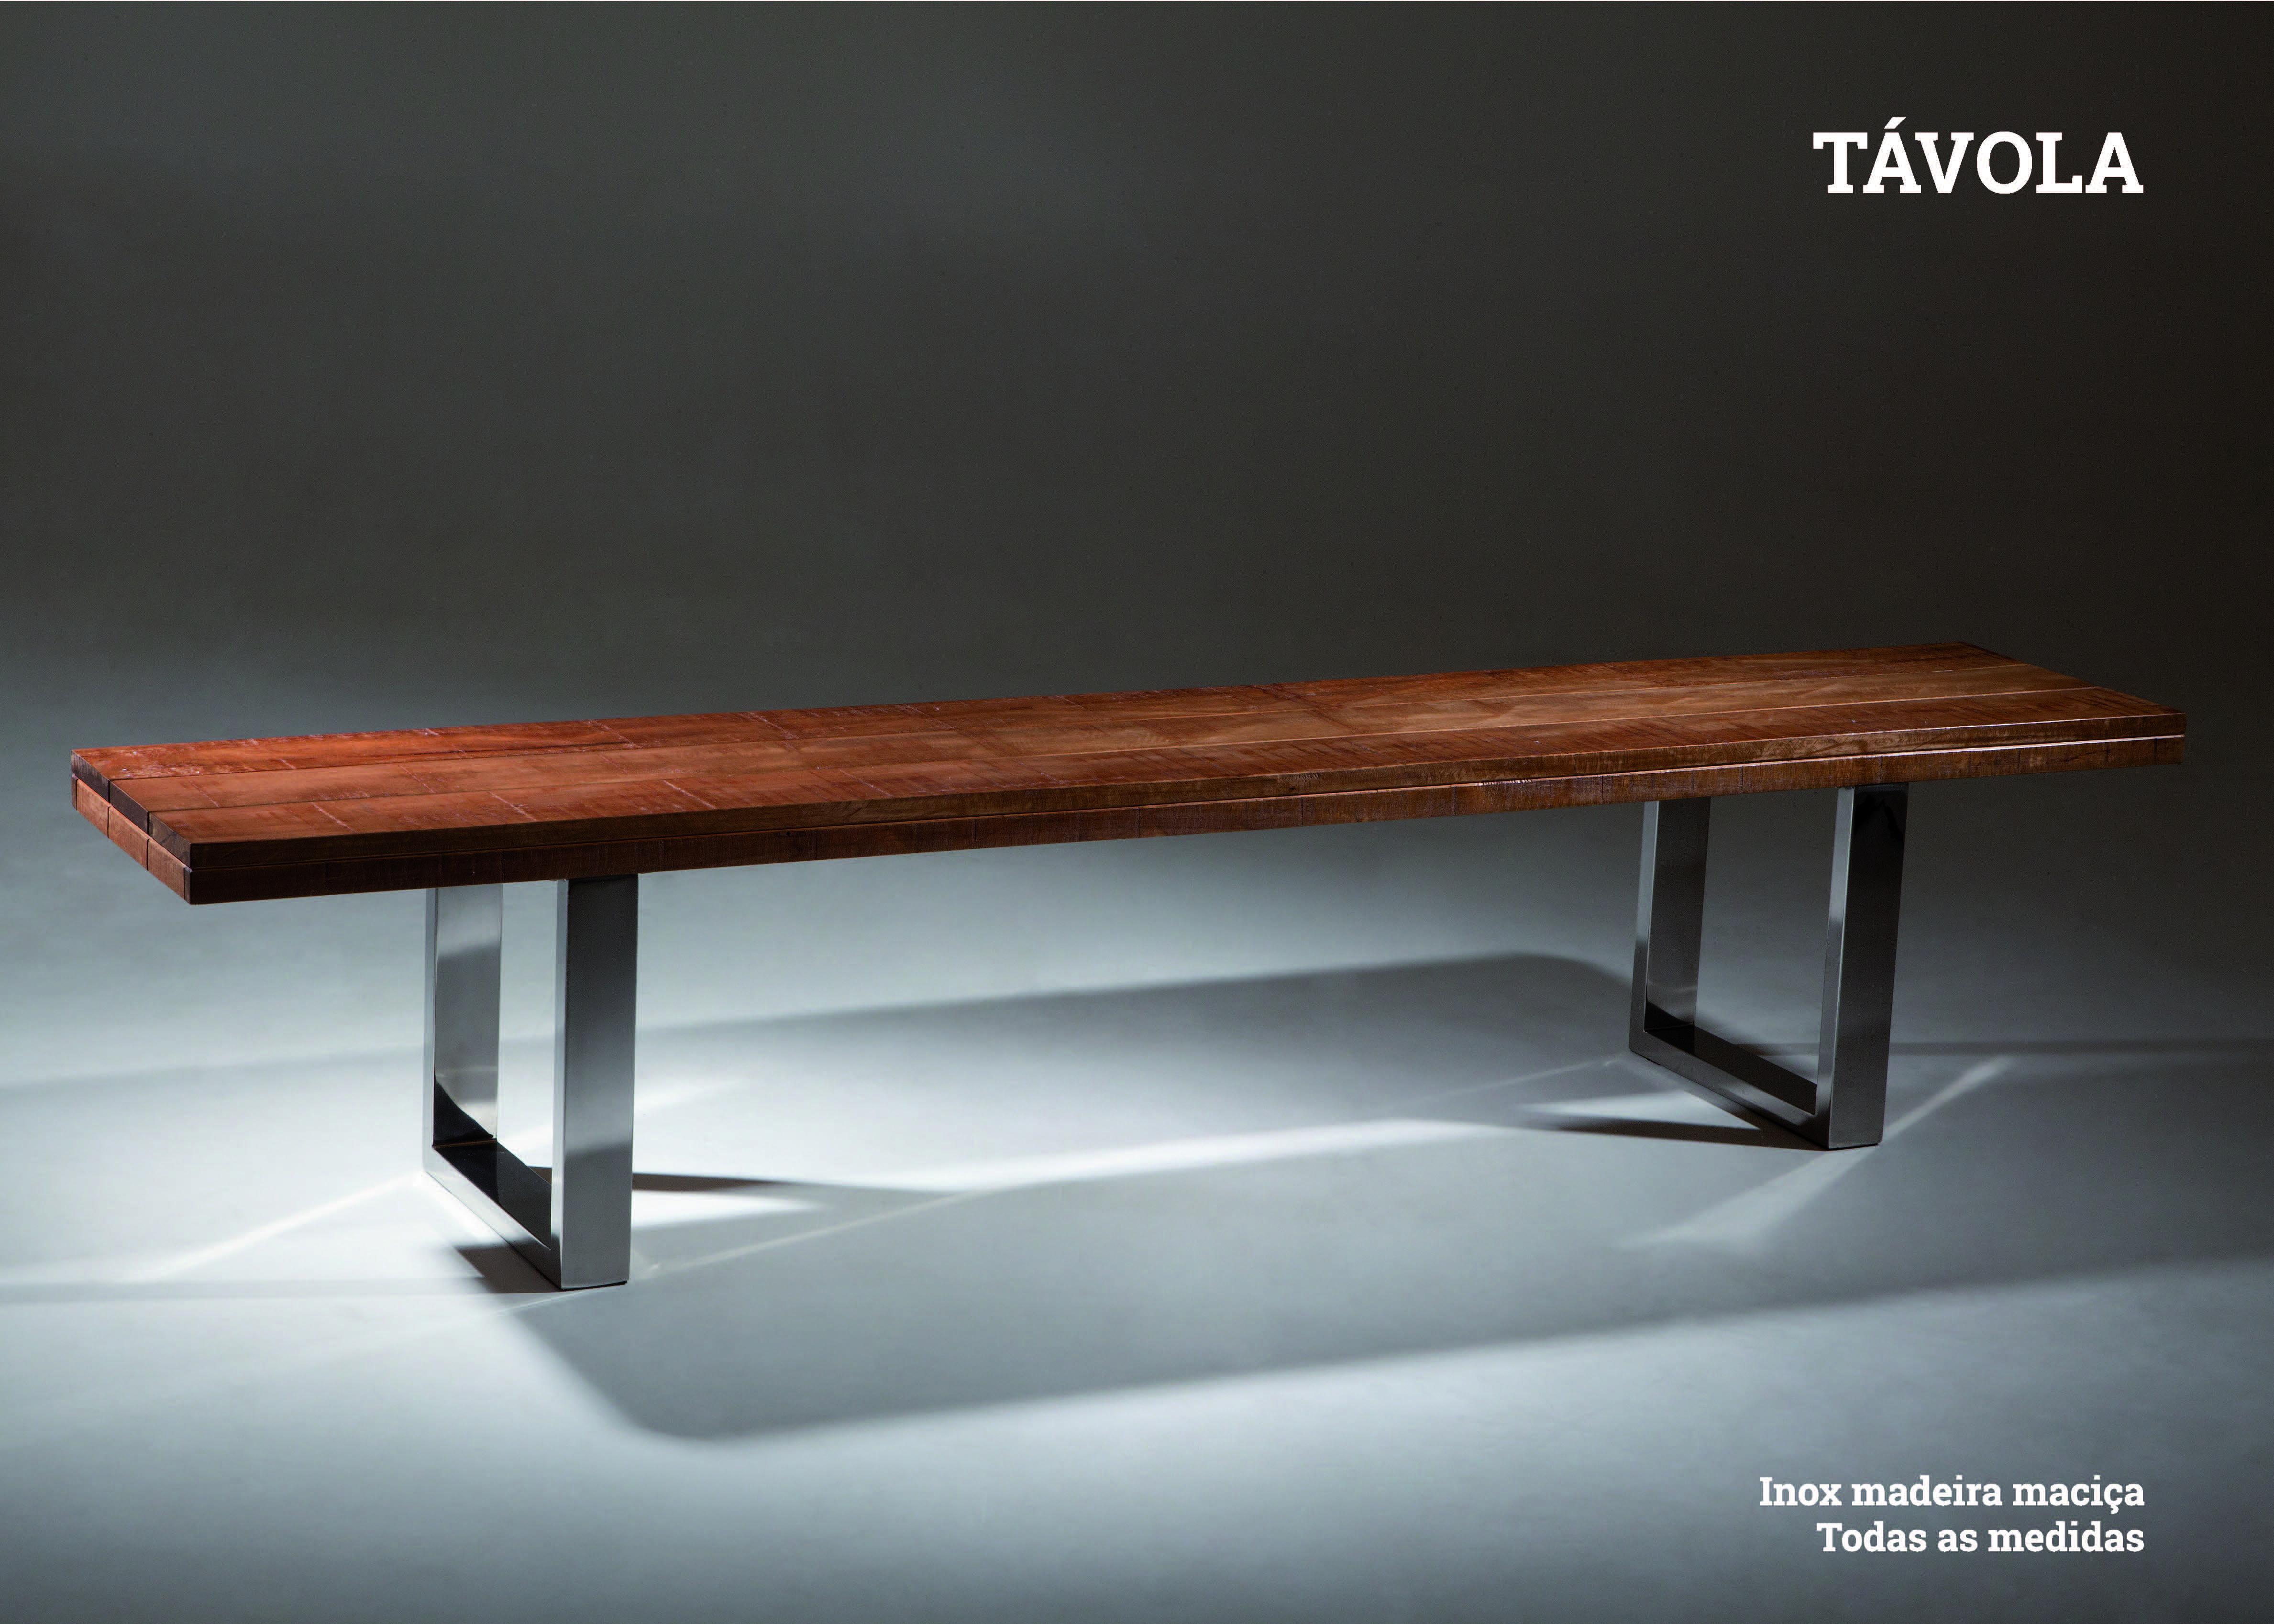 Banco Tavola